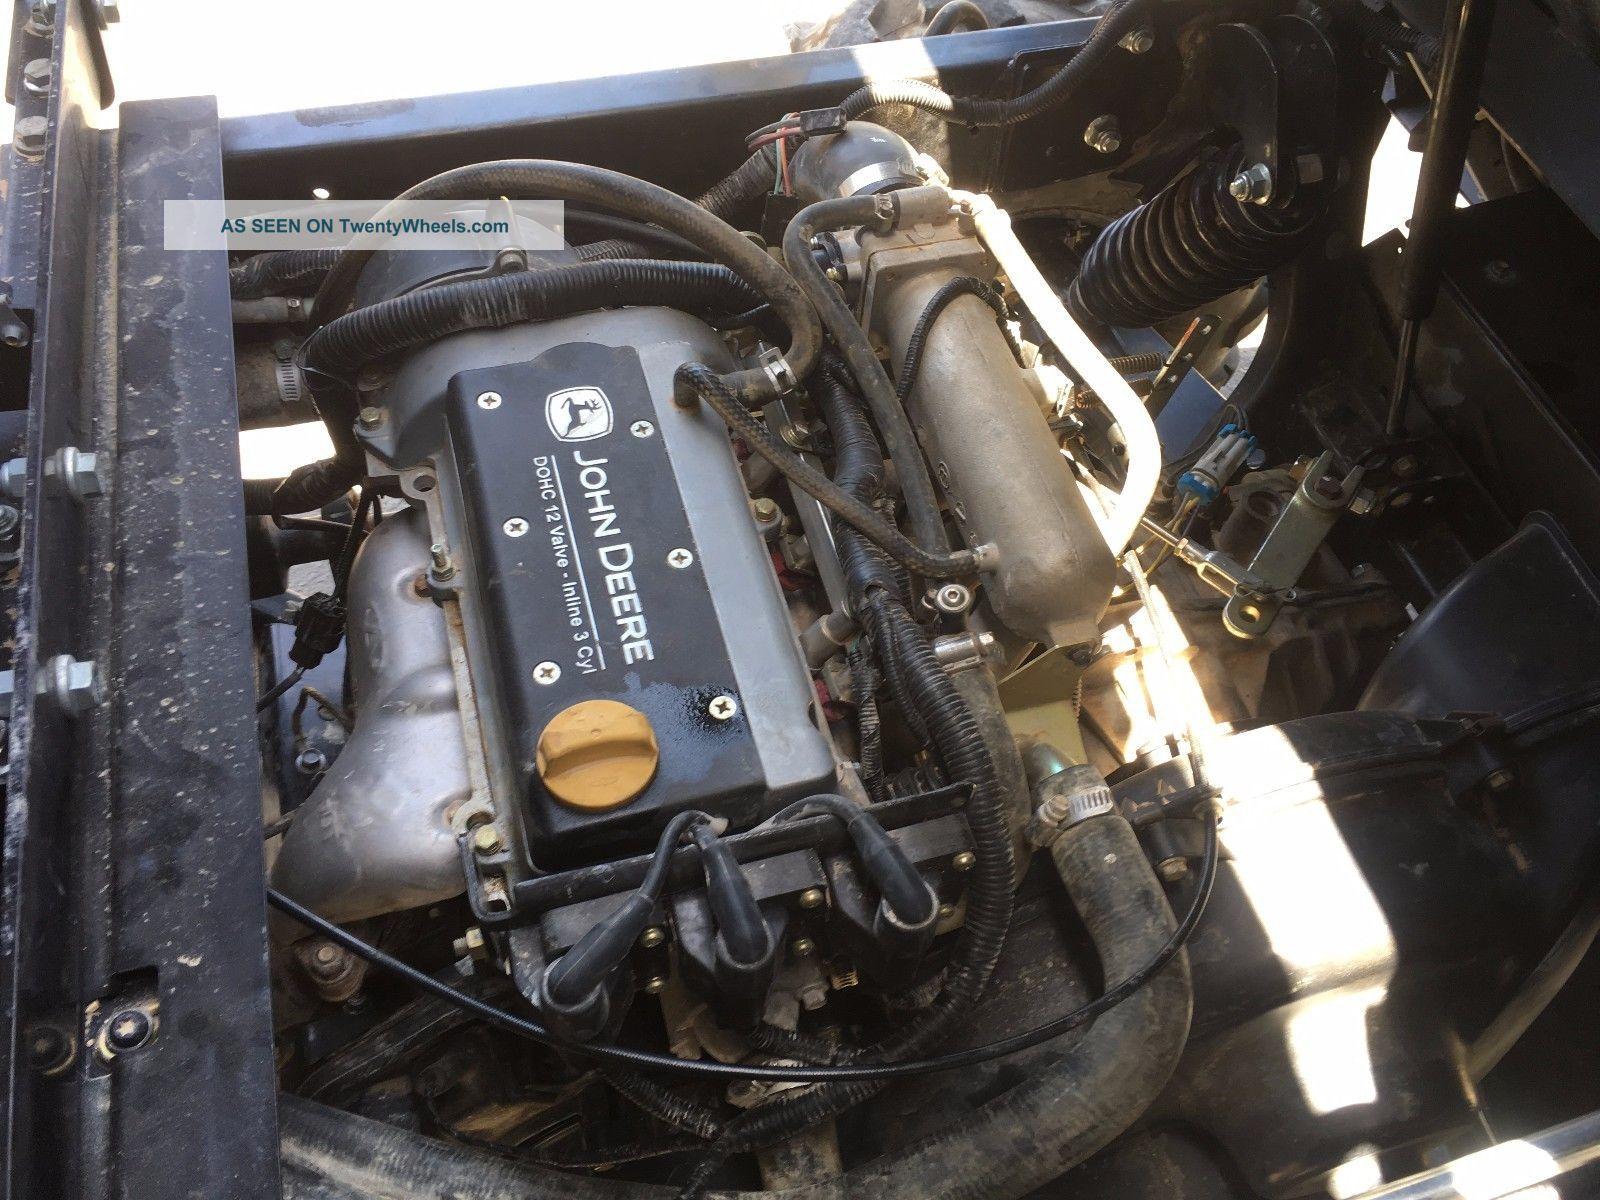 2013 John Deere 825i S4 Gator. 4 Seater. 4x4. Power ...